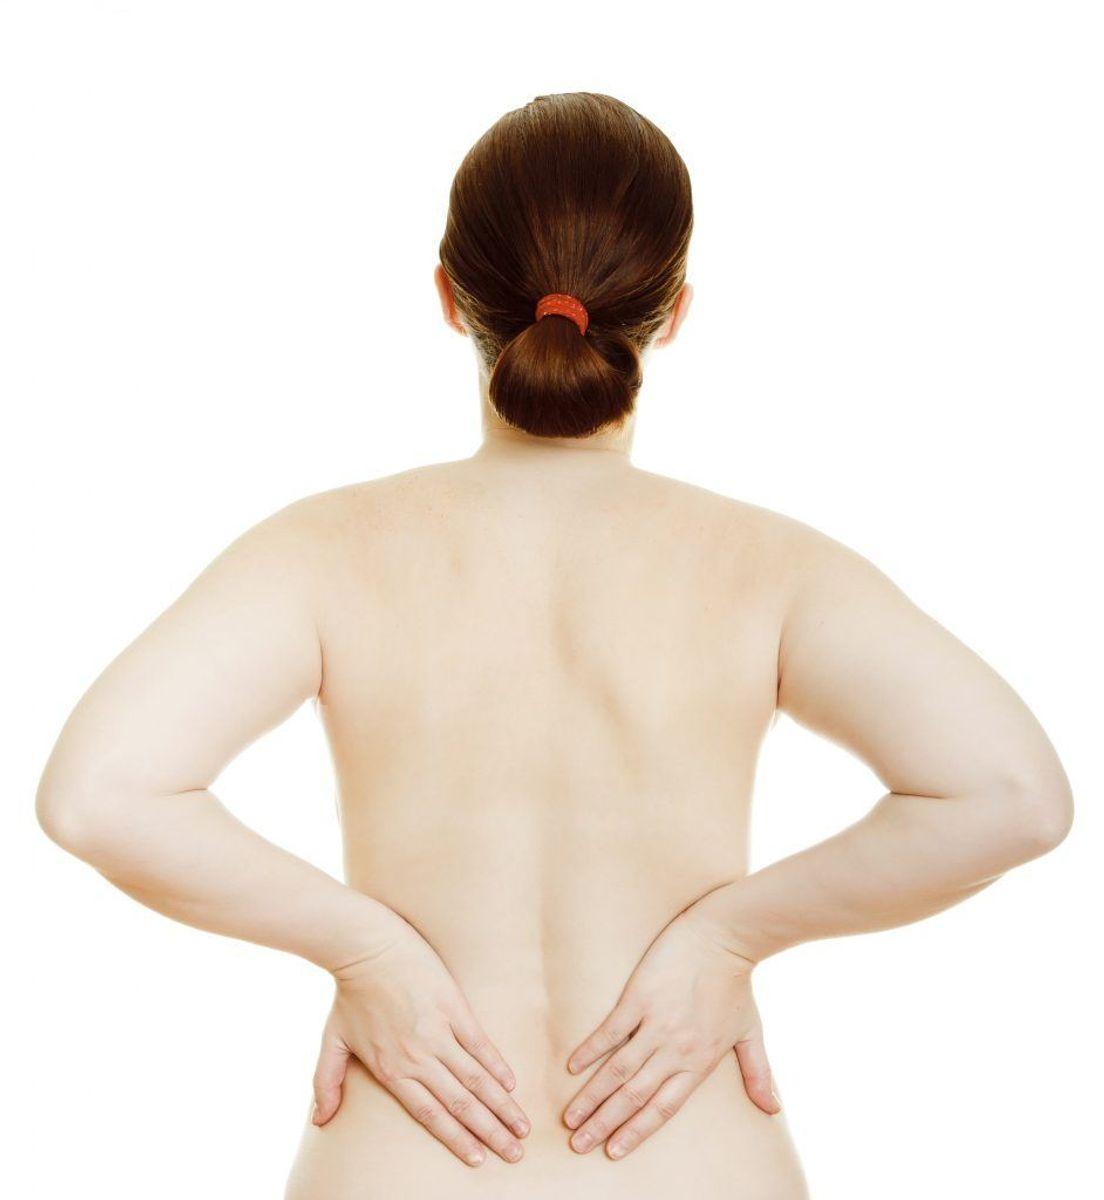 Smerter i ryg, arme og ben. Kilde: Kræftens Bekæmpelse. Arkivfoto.